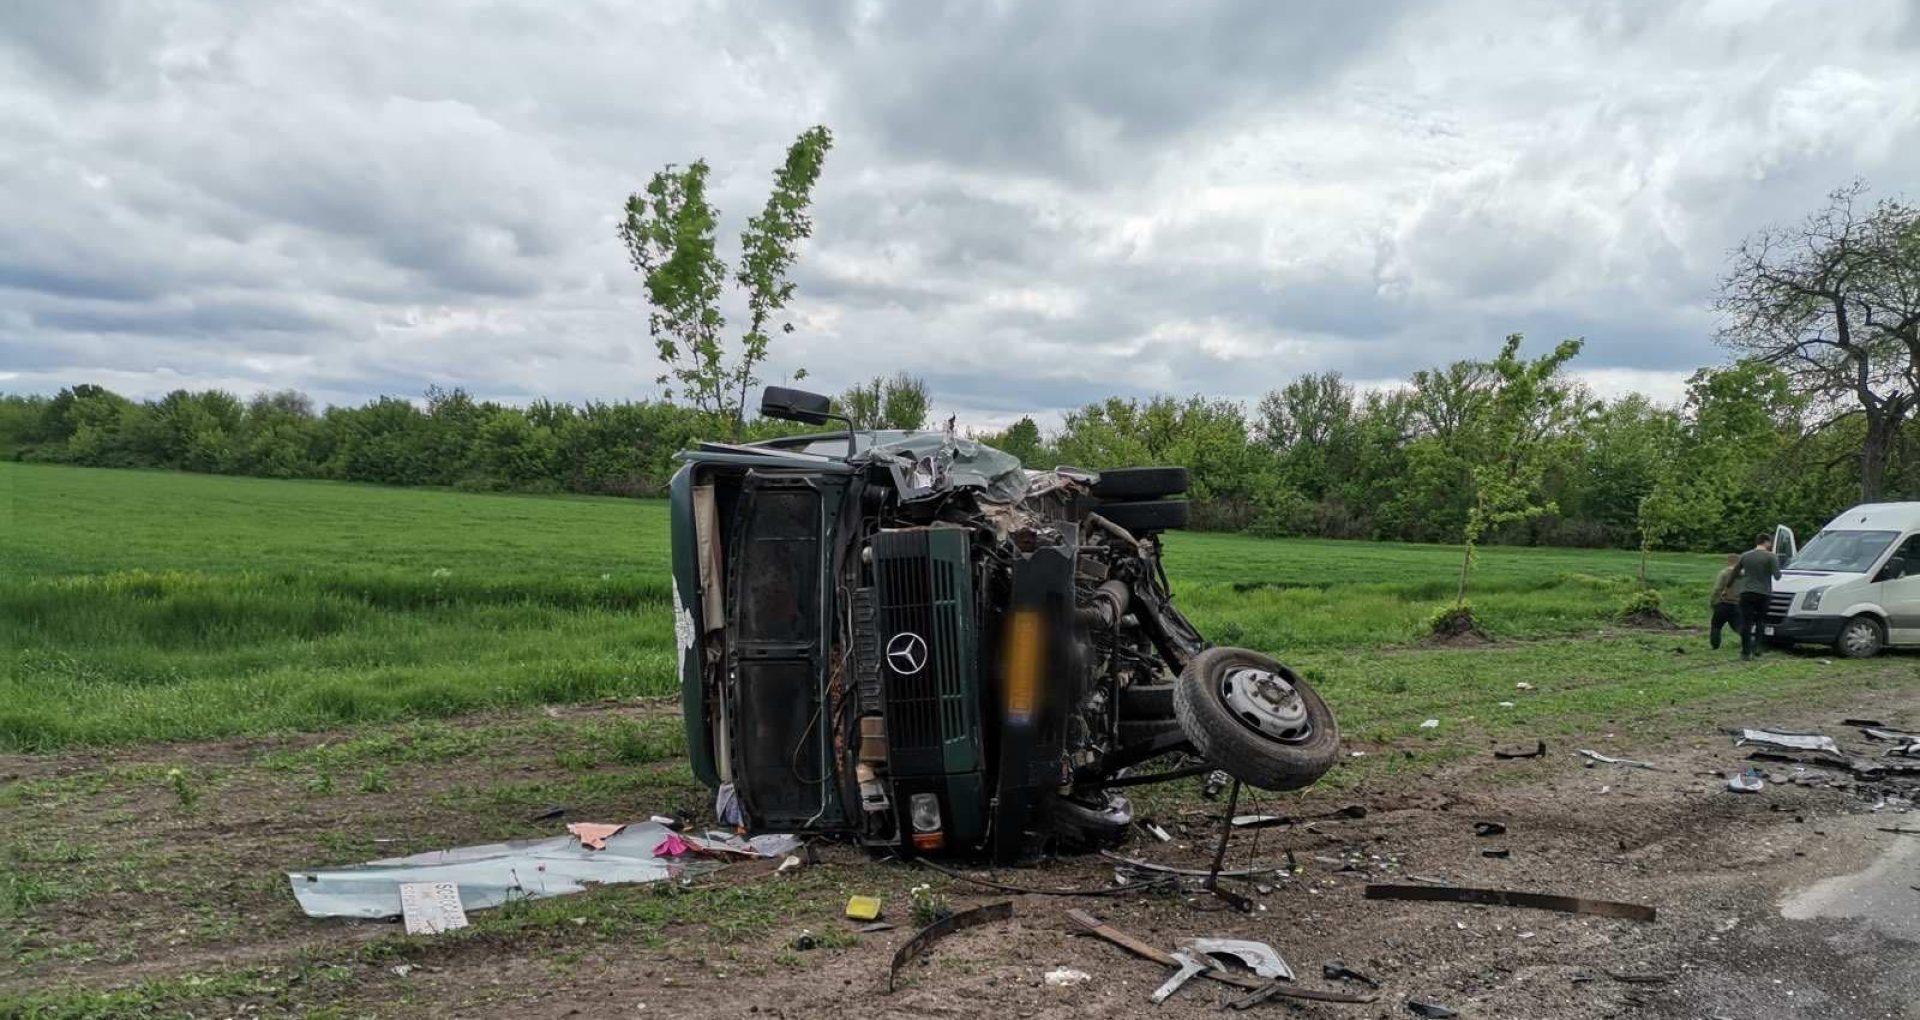 FOTO/ Opt persoane au fost transportate la spital după ce un microbuz care circula pe ruta Soroca – Bălți s-a ciocnit cu un automobil și s-a răsturnat